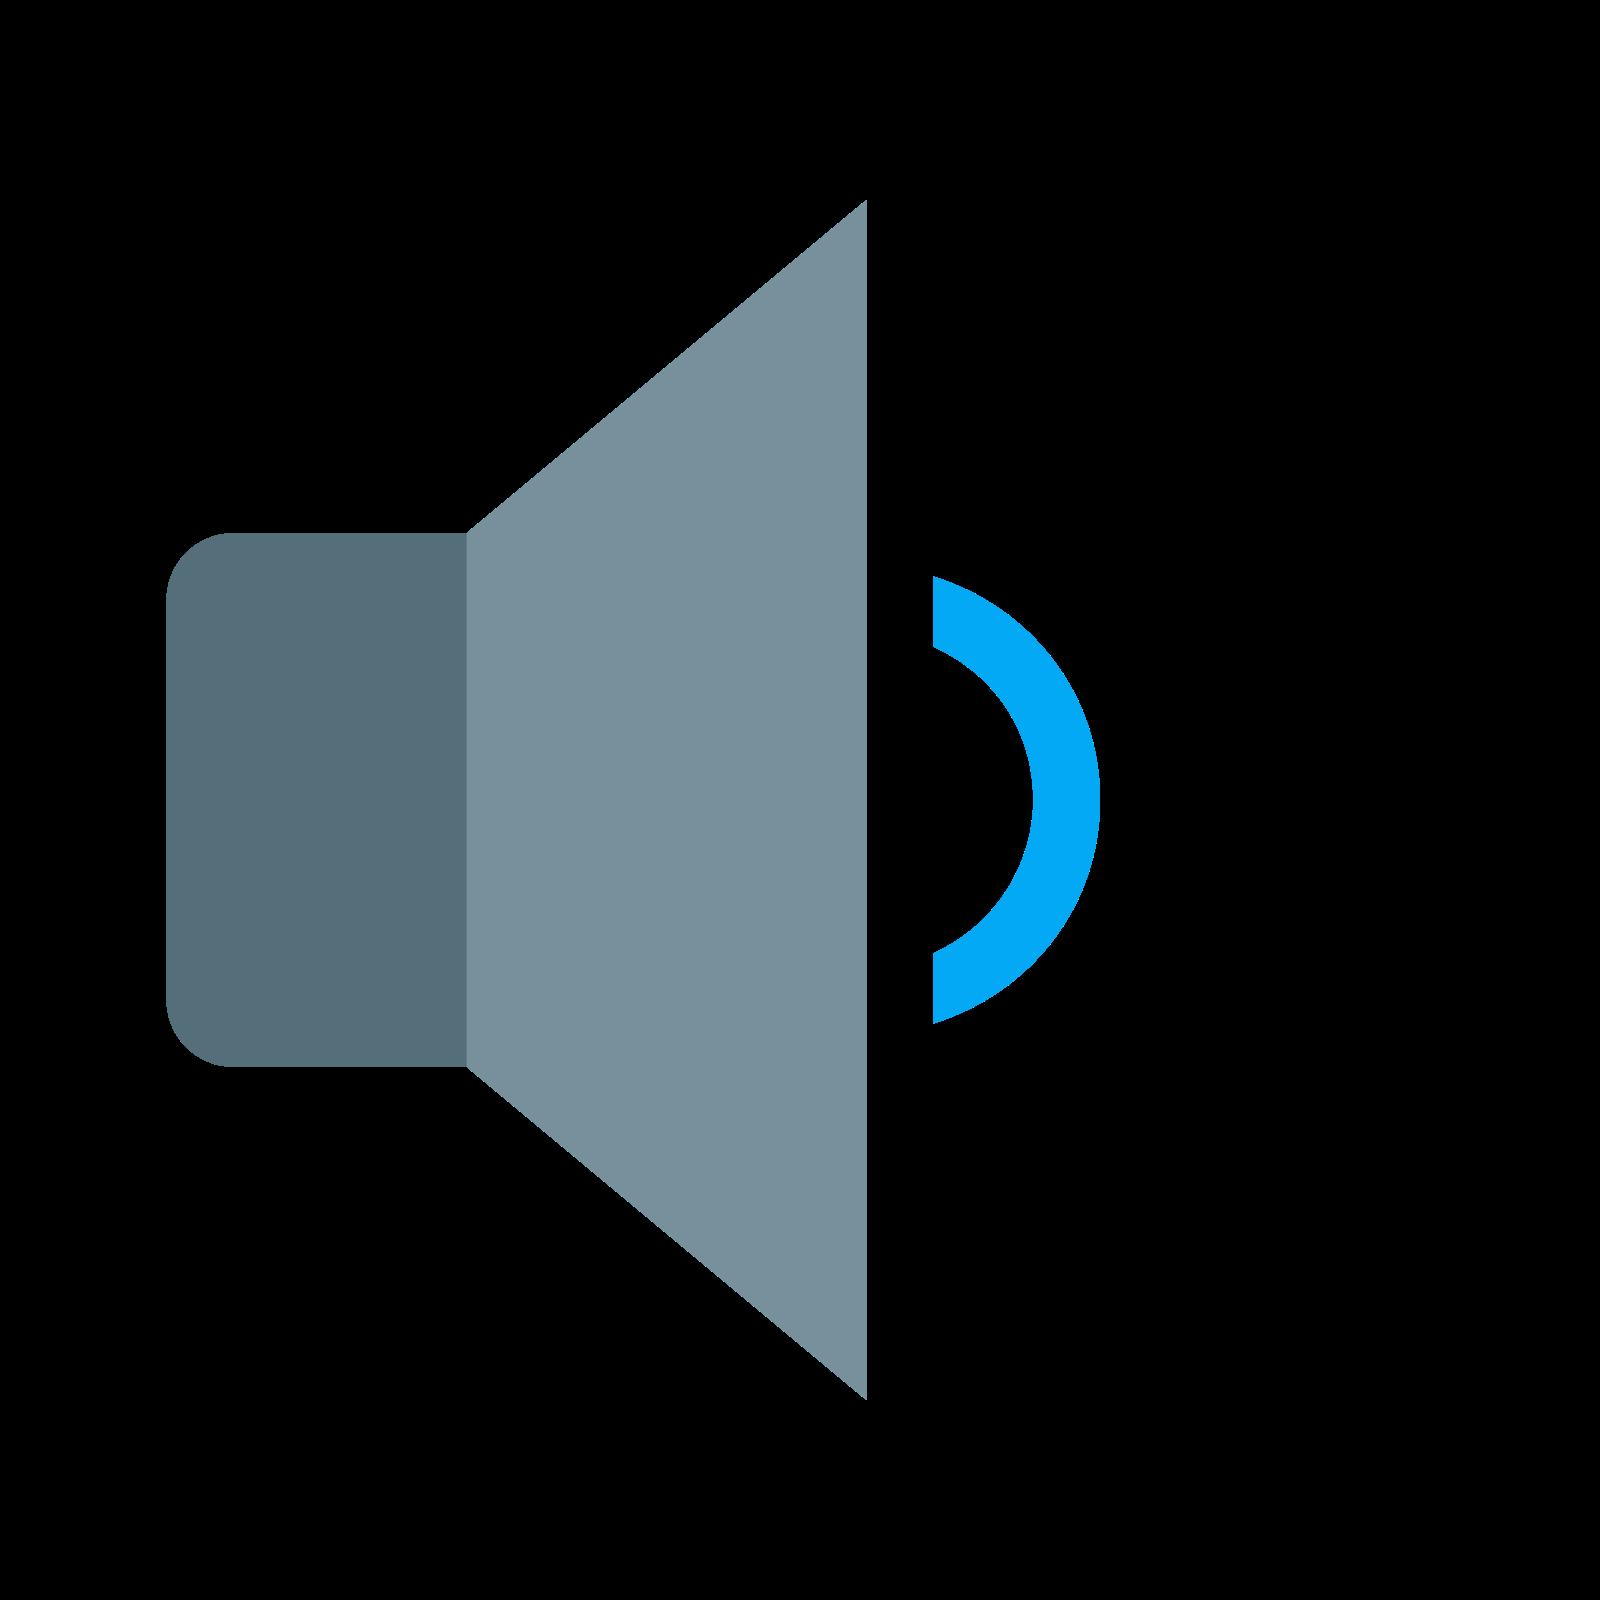 低容積 icon. The icon looks like a triangle with curved edges laying vertical but the point facing left is missing. It is replaced with a smaller rectangle shape with curved edges. At the base of the vertical triangle which is facing left is a small backwards C shape at the center.